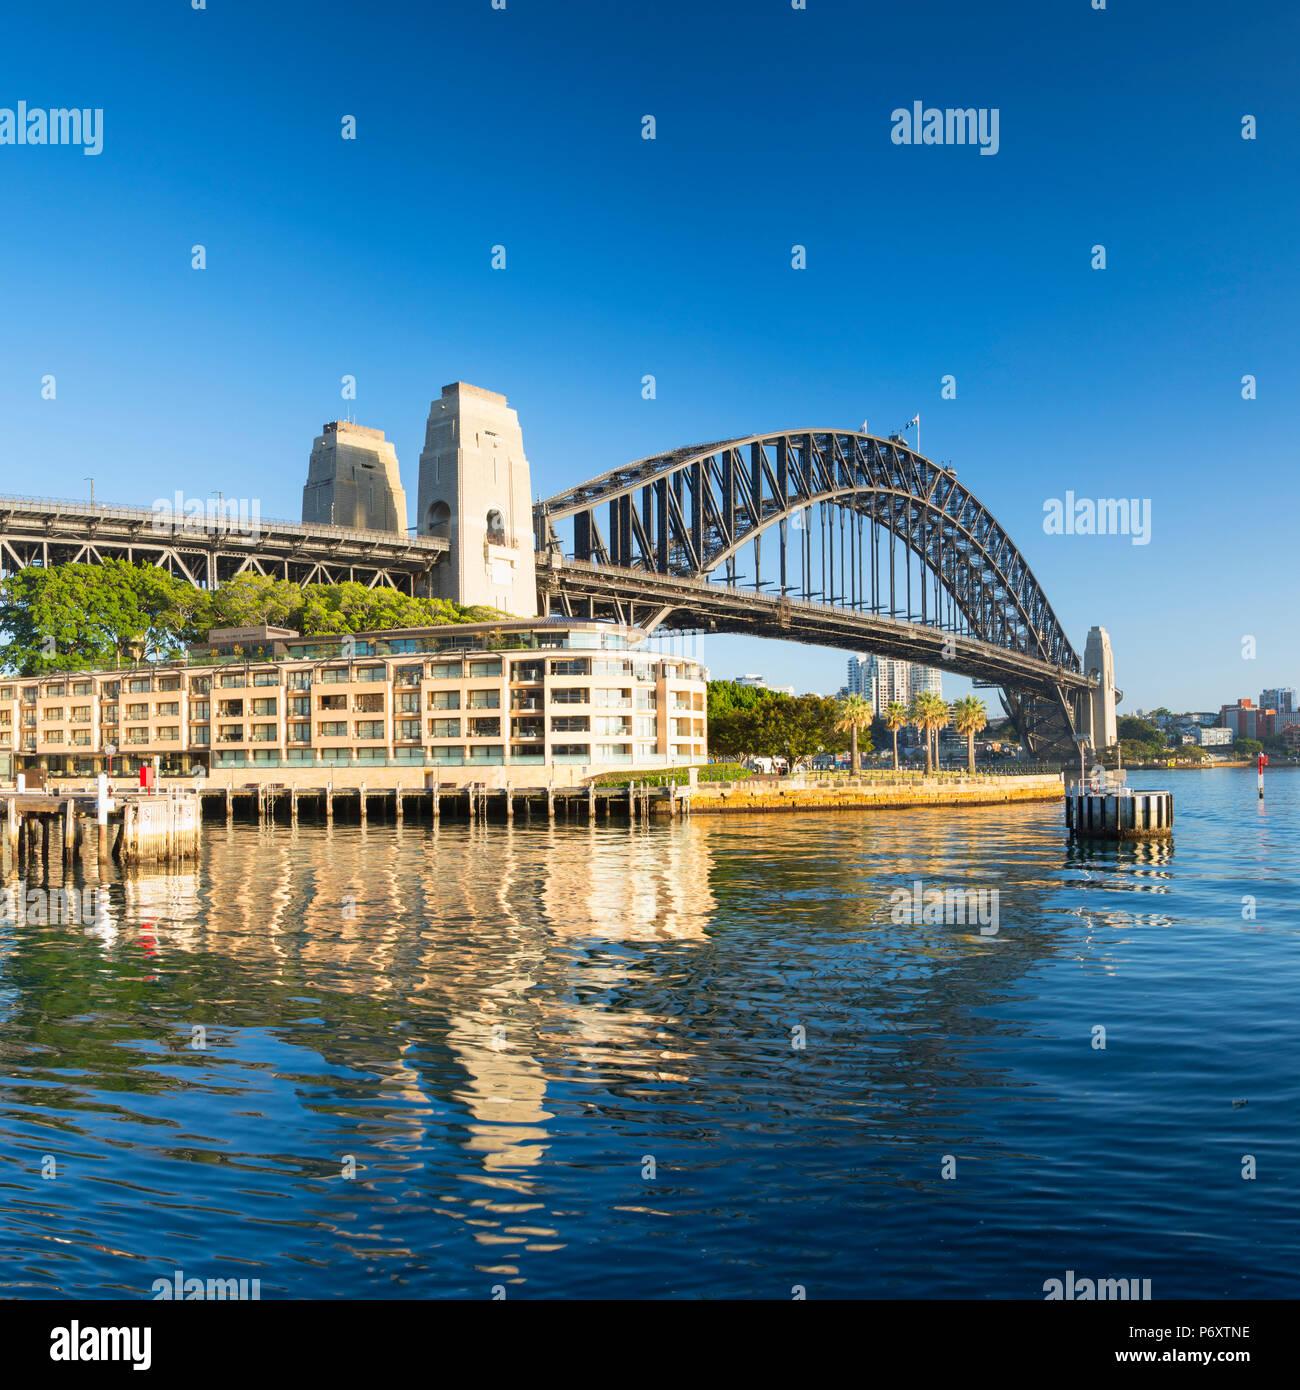 El Puente del Puerto de Sydney, Sydney, New South Wales, Australia Foto de stock